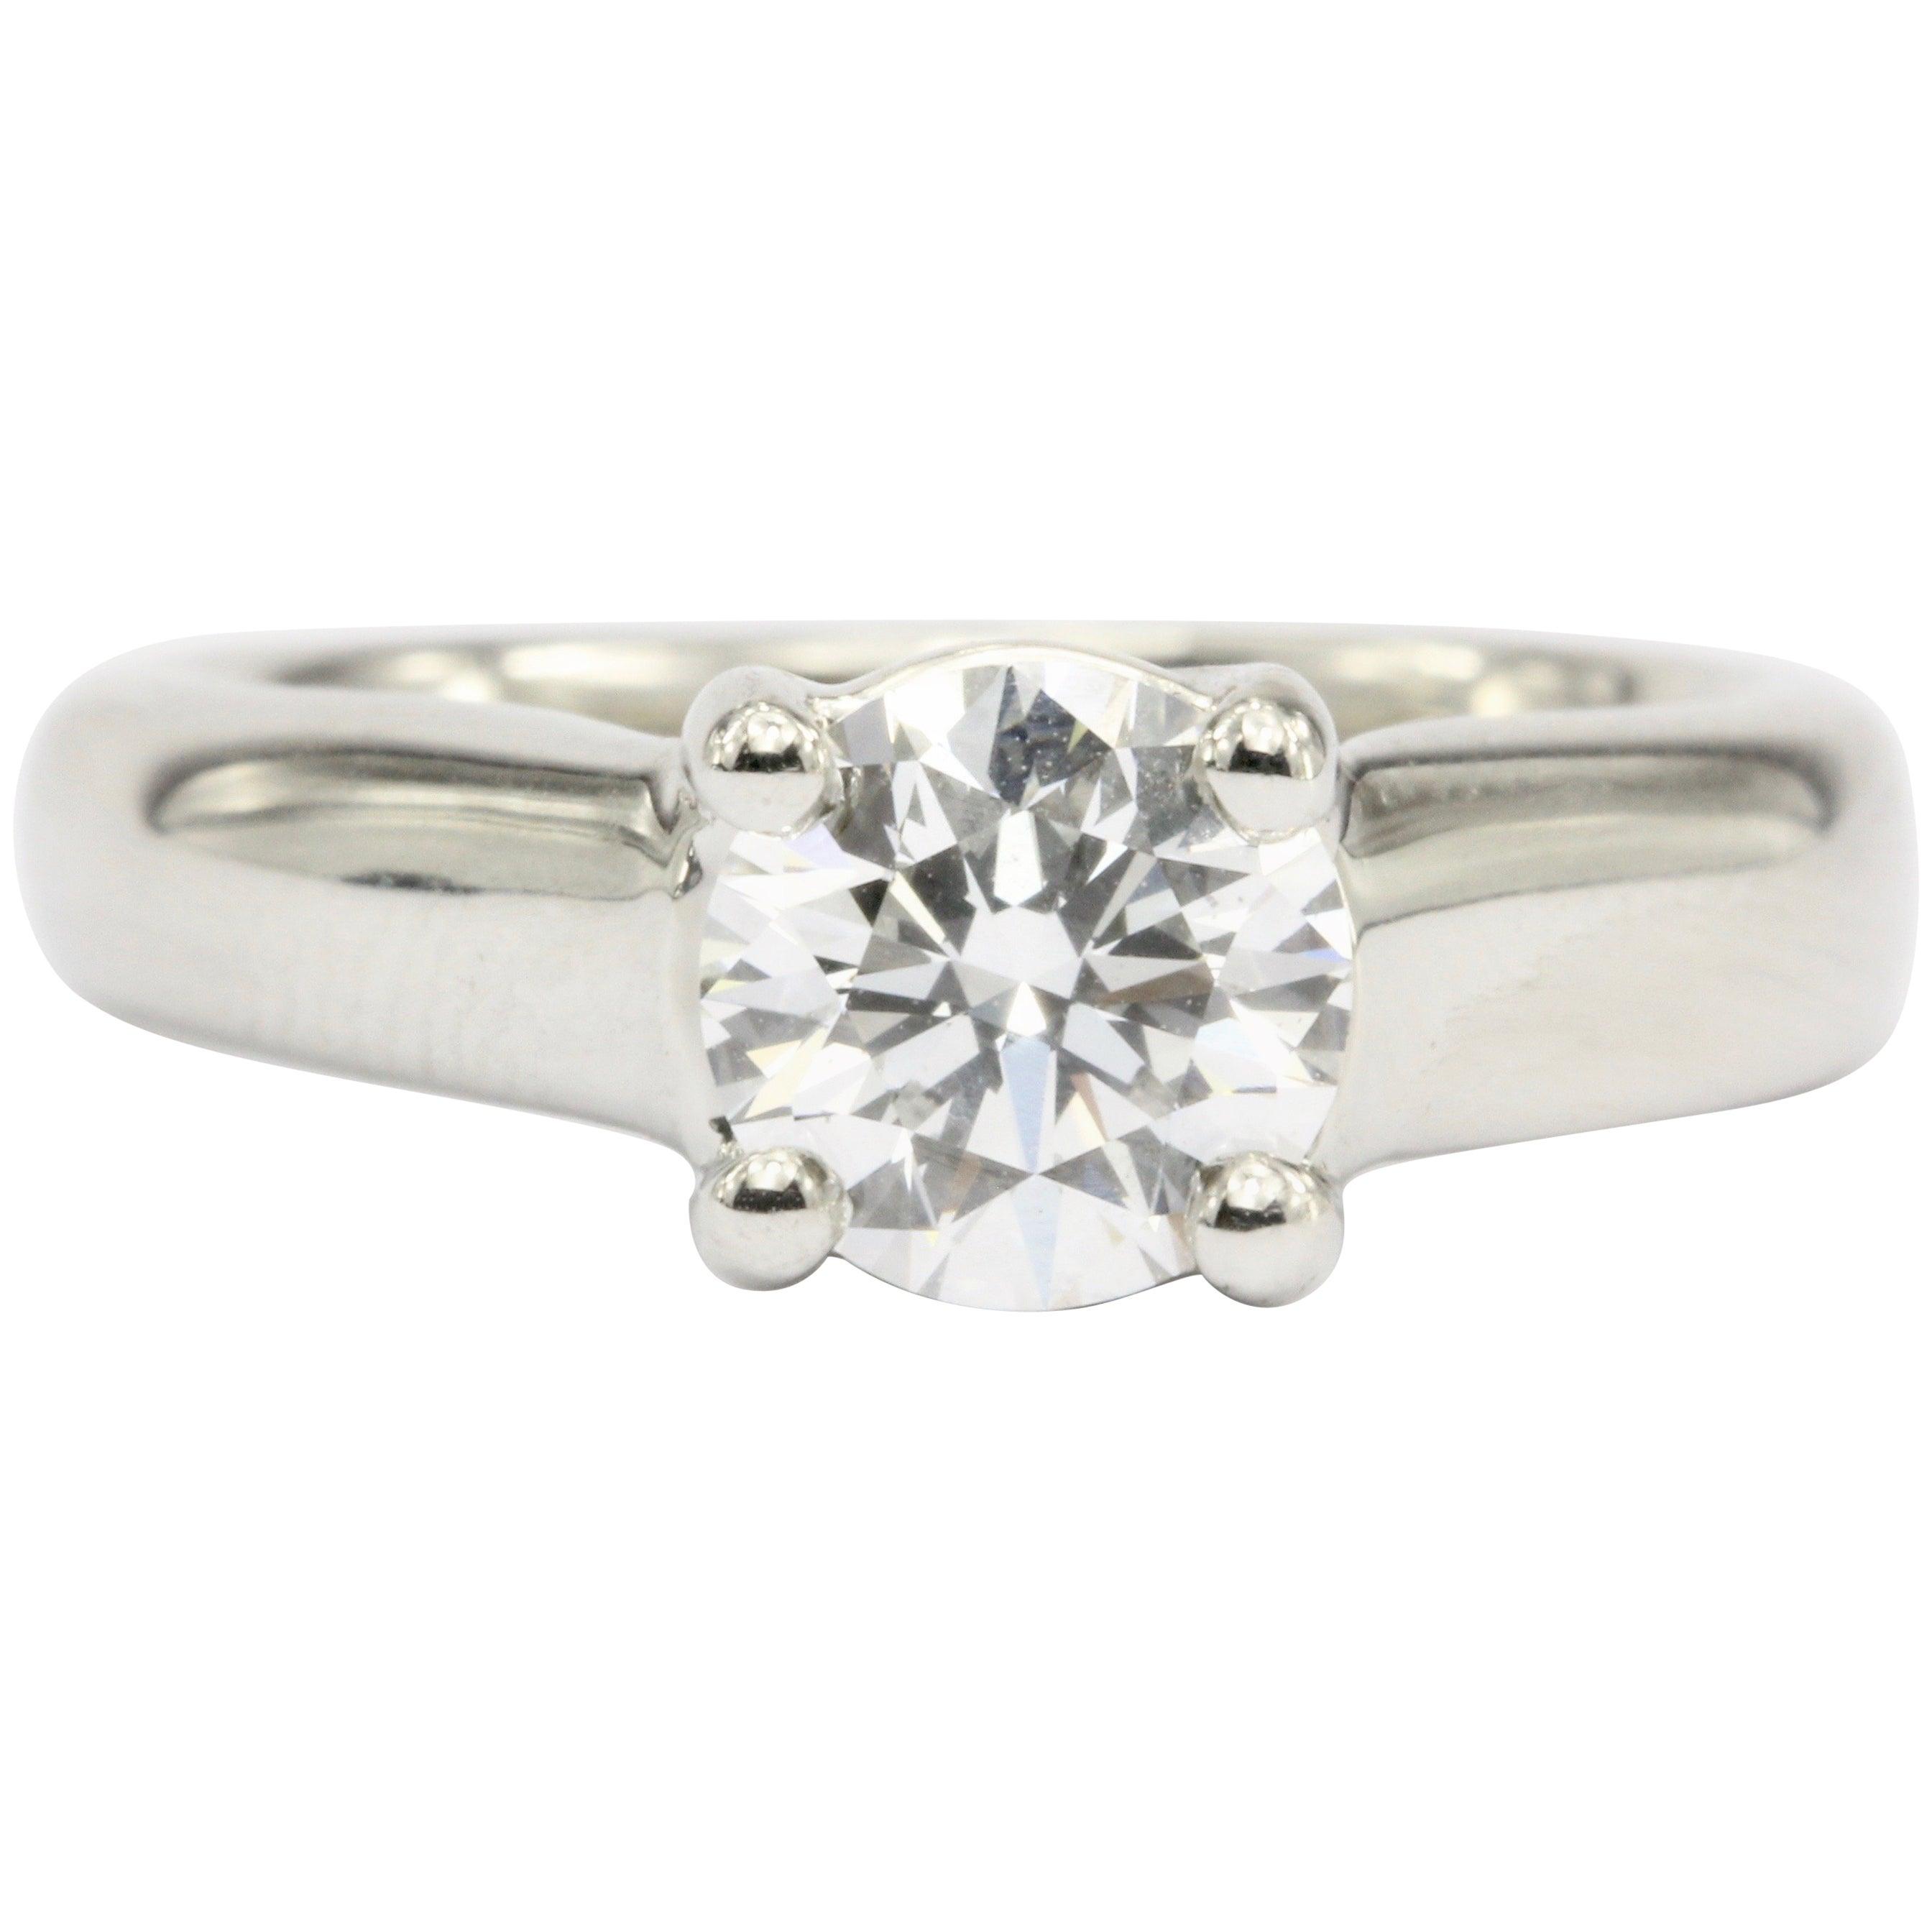 827b252d4b3 Platinum 1.12 Carat D/VS2 Round Brilliant Diamond Solitaire Engagement Ring